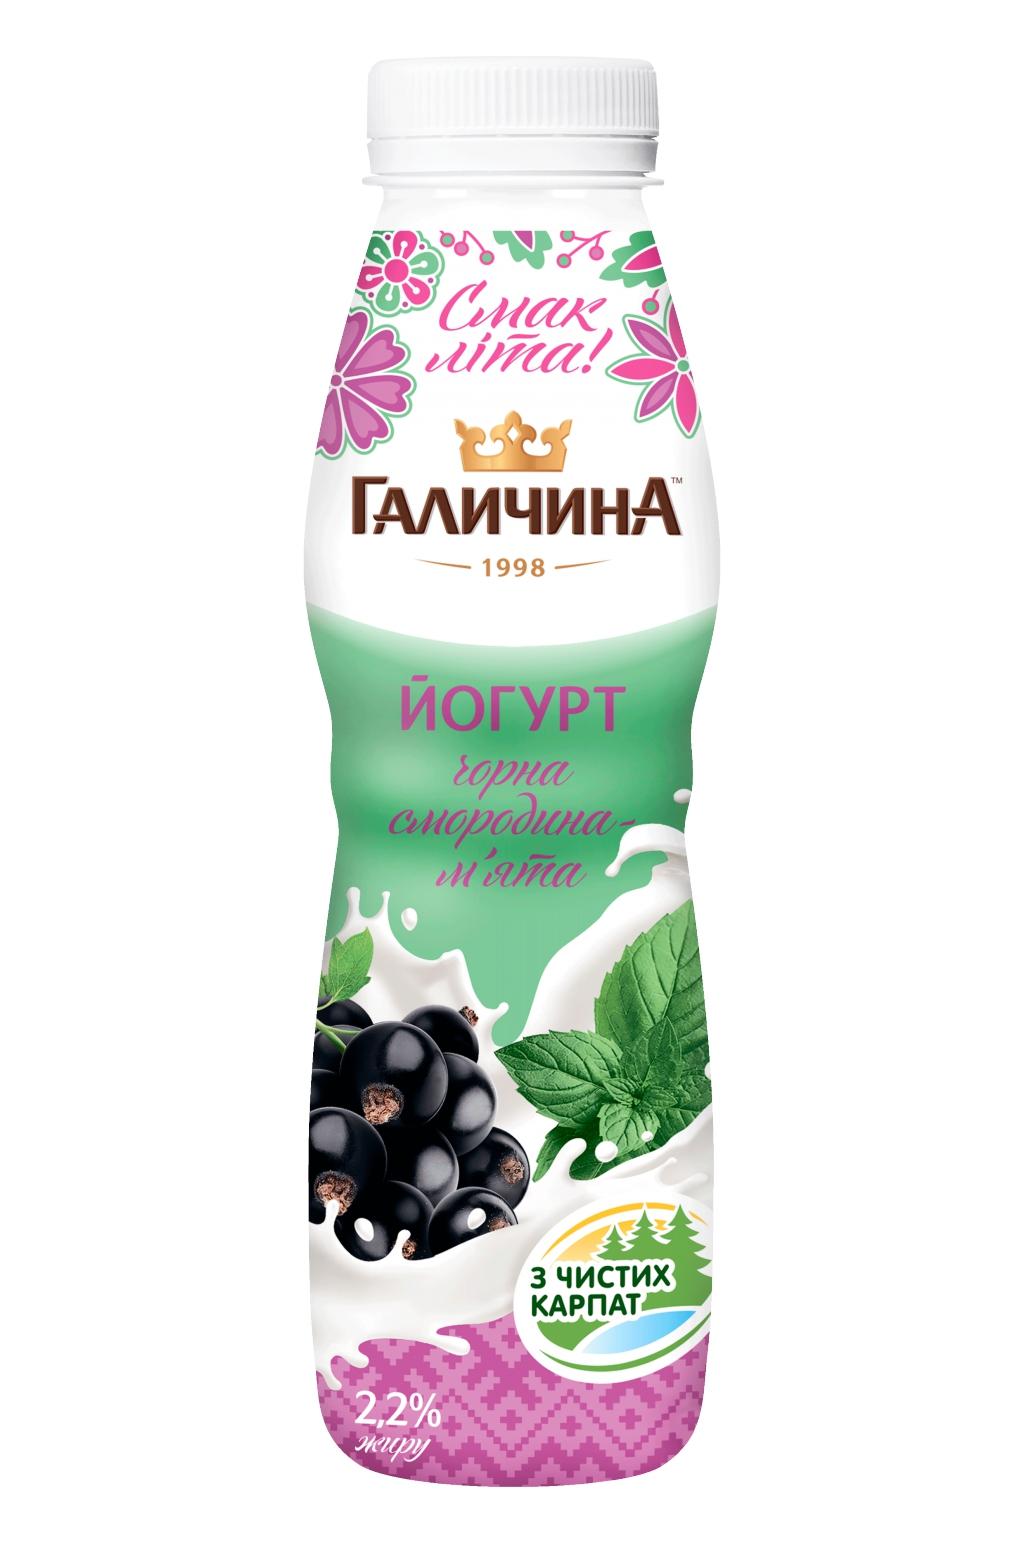 Йогурт питний ТМ ГАЛИЧИНА-новинка Смородина-м'ята - Освіжаюче поєднання